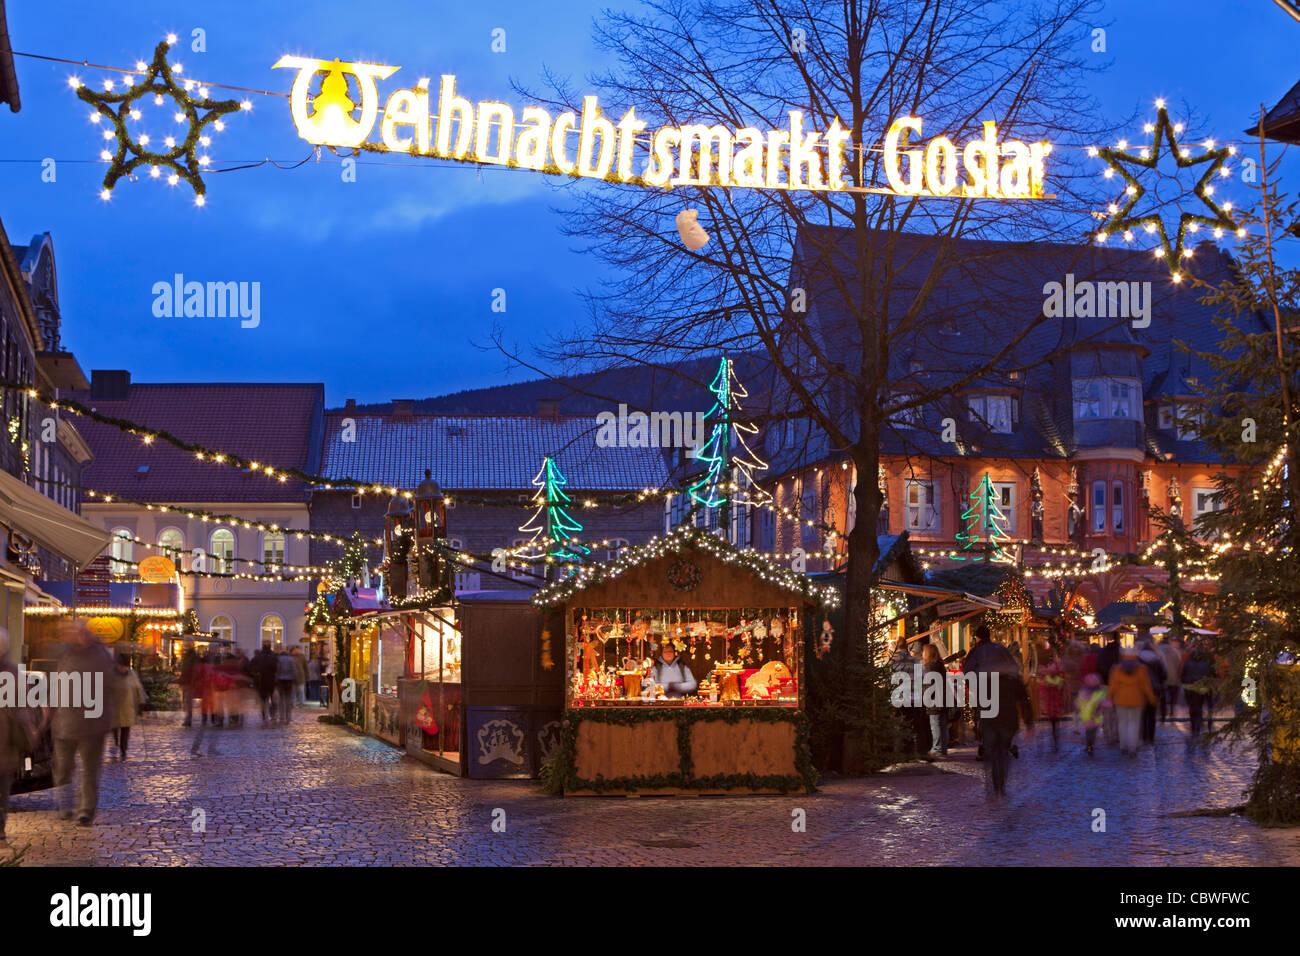 Goslar Weihnachtsmarkt.Weihnachtsmarkt Am Markt Platz Von Goslar Harz Mountains